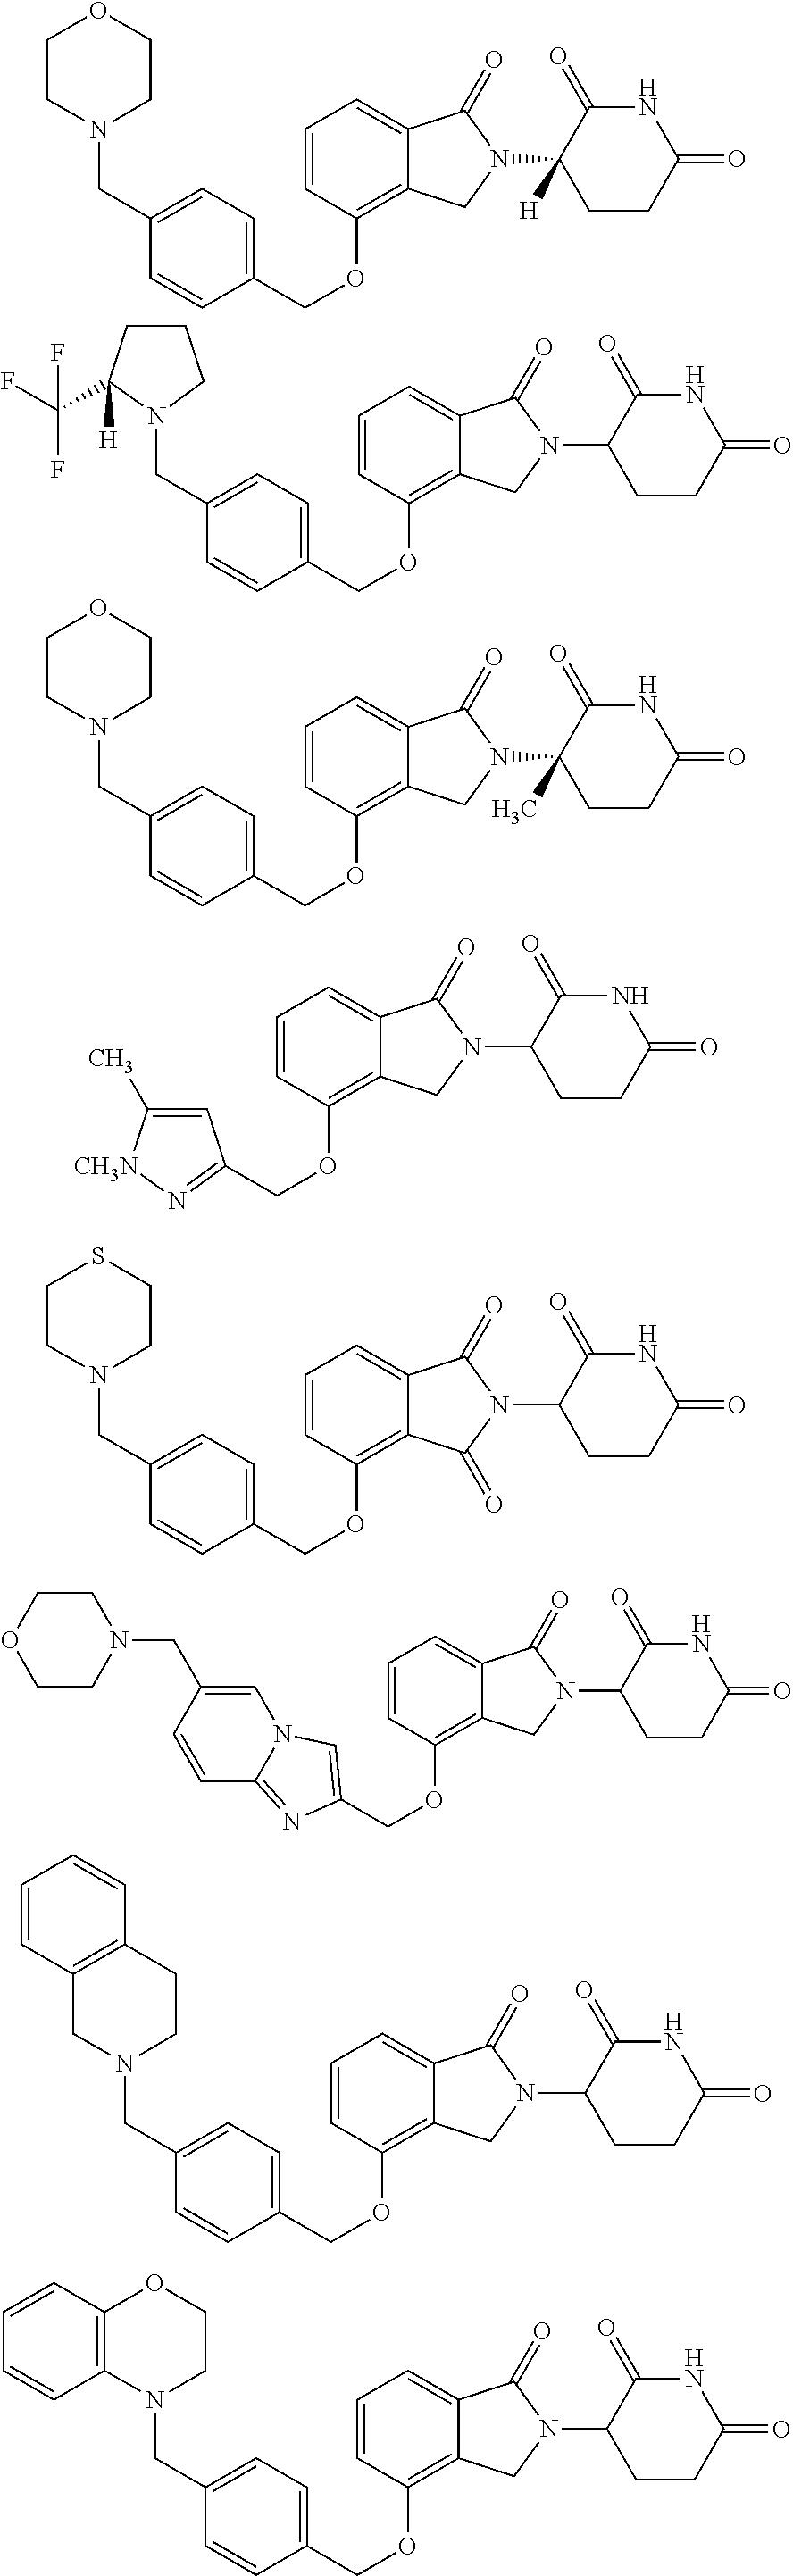 Figure US09822094-20171121-C00010